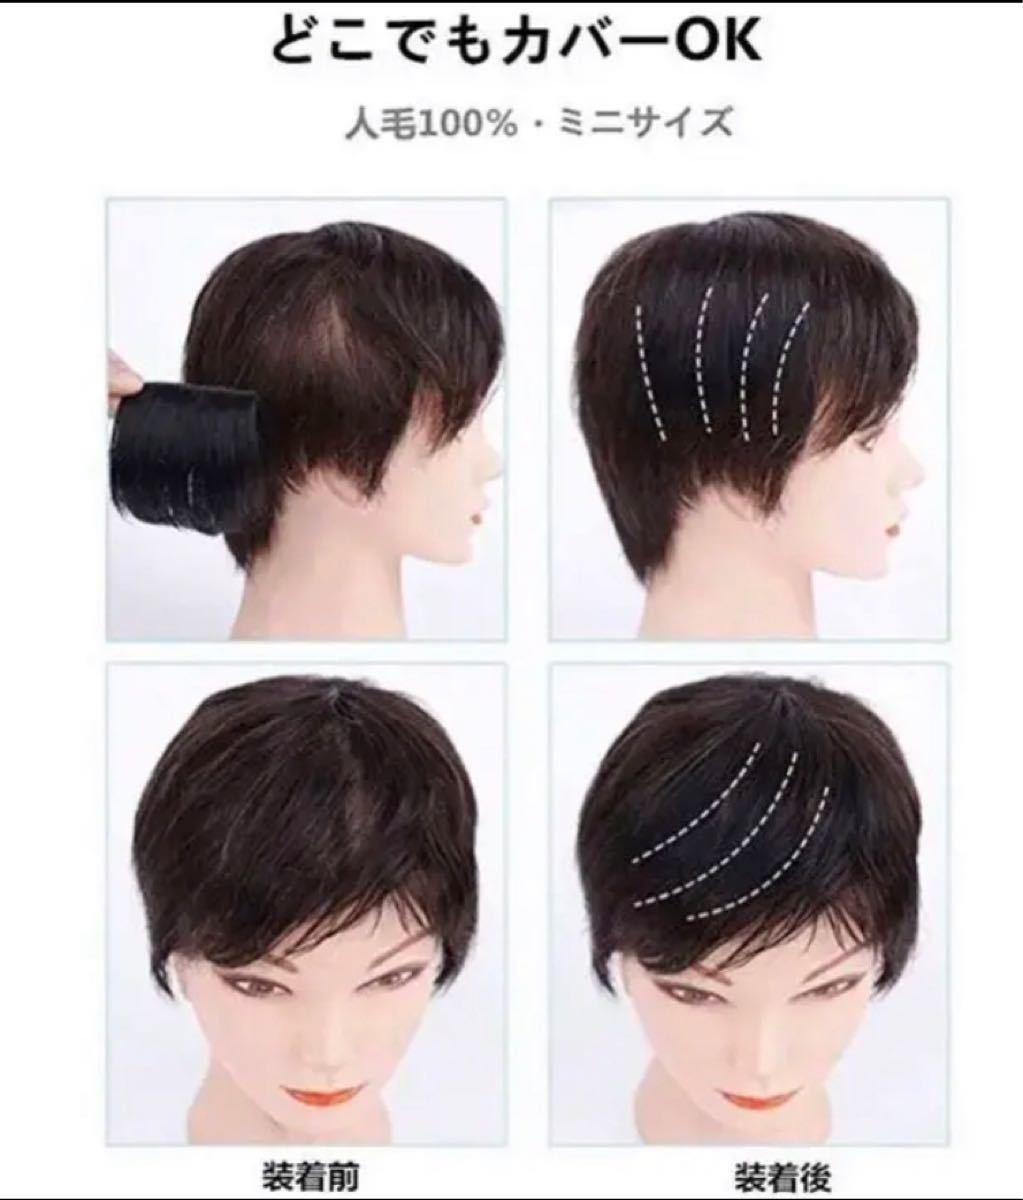 人毛100% 部分ウィッグ ポイントウィッグ 増毛 サイド 盛り髪 ボリュームアップ ワンタッチ つむじカバー 自然黒(1個)